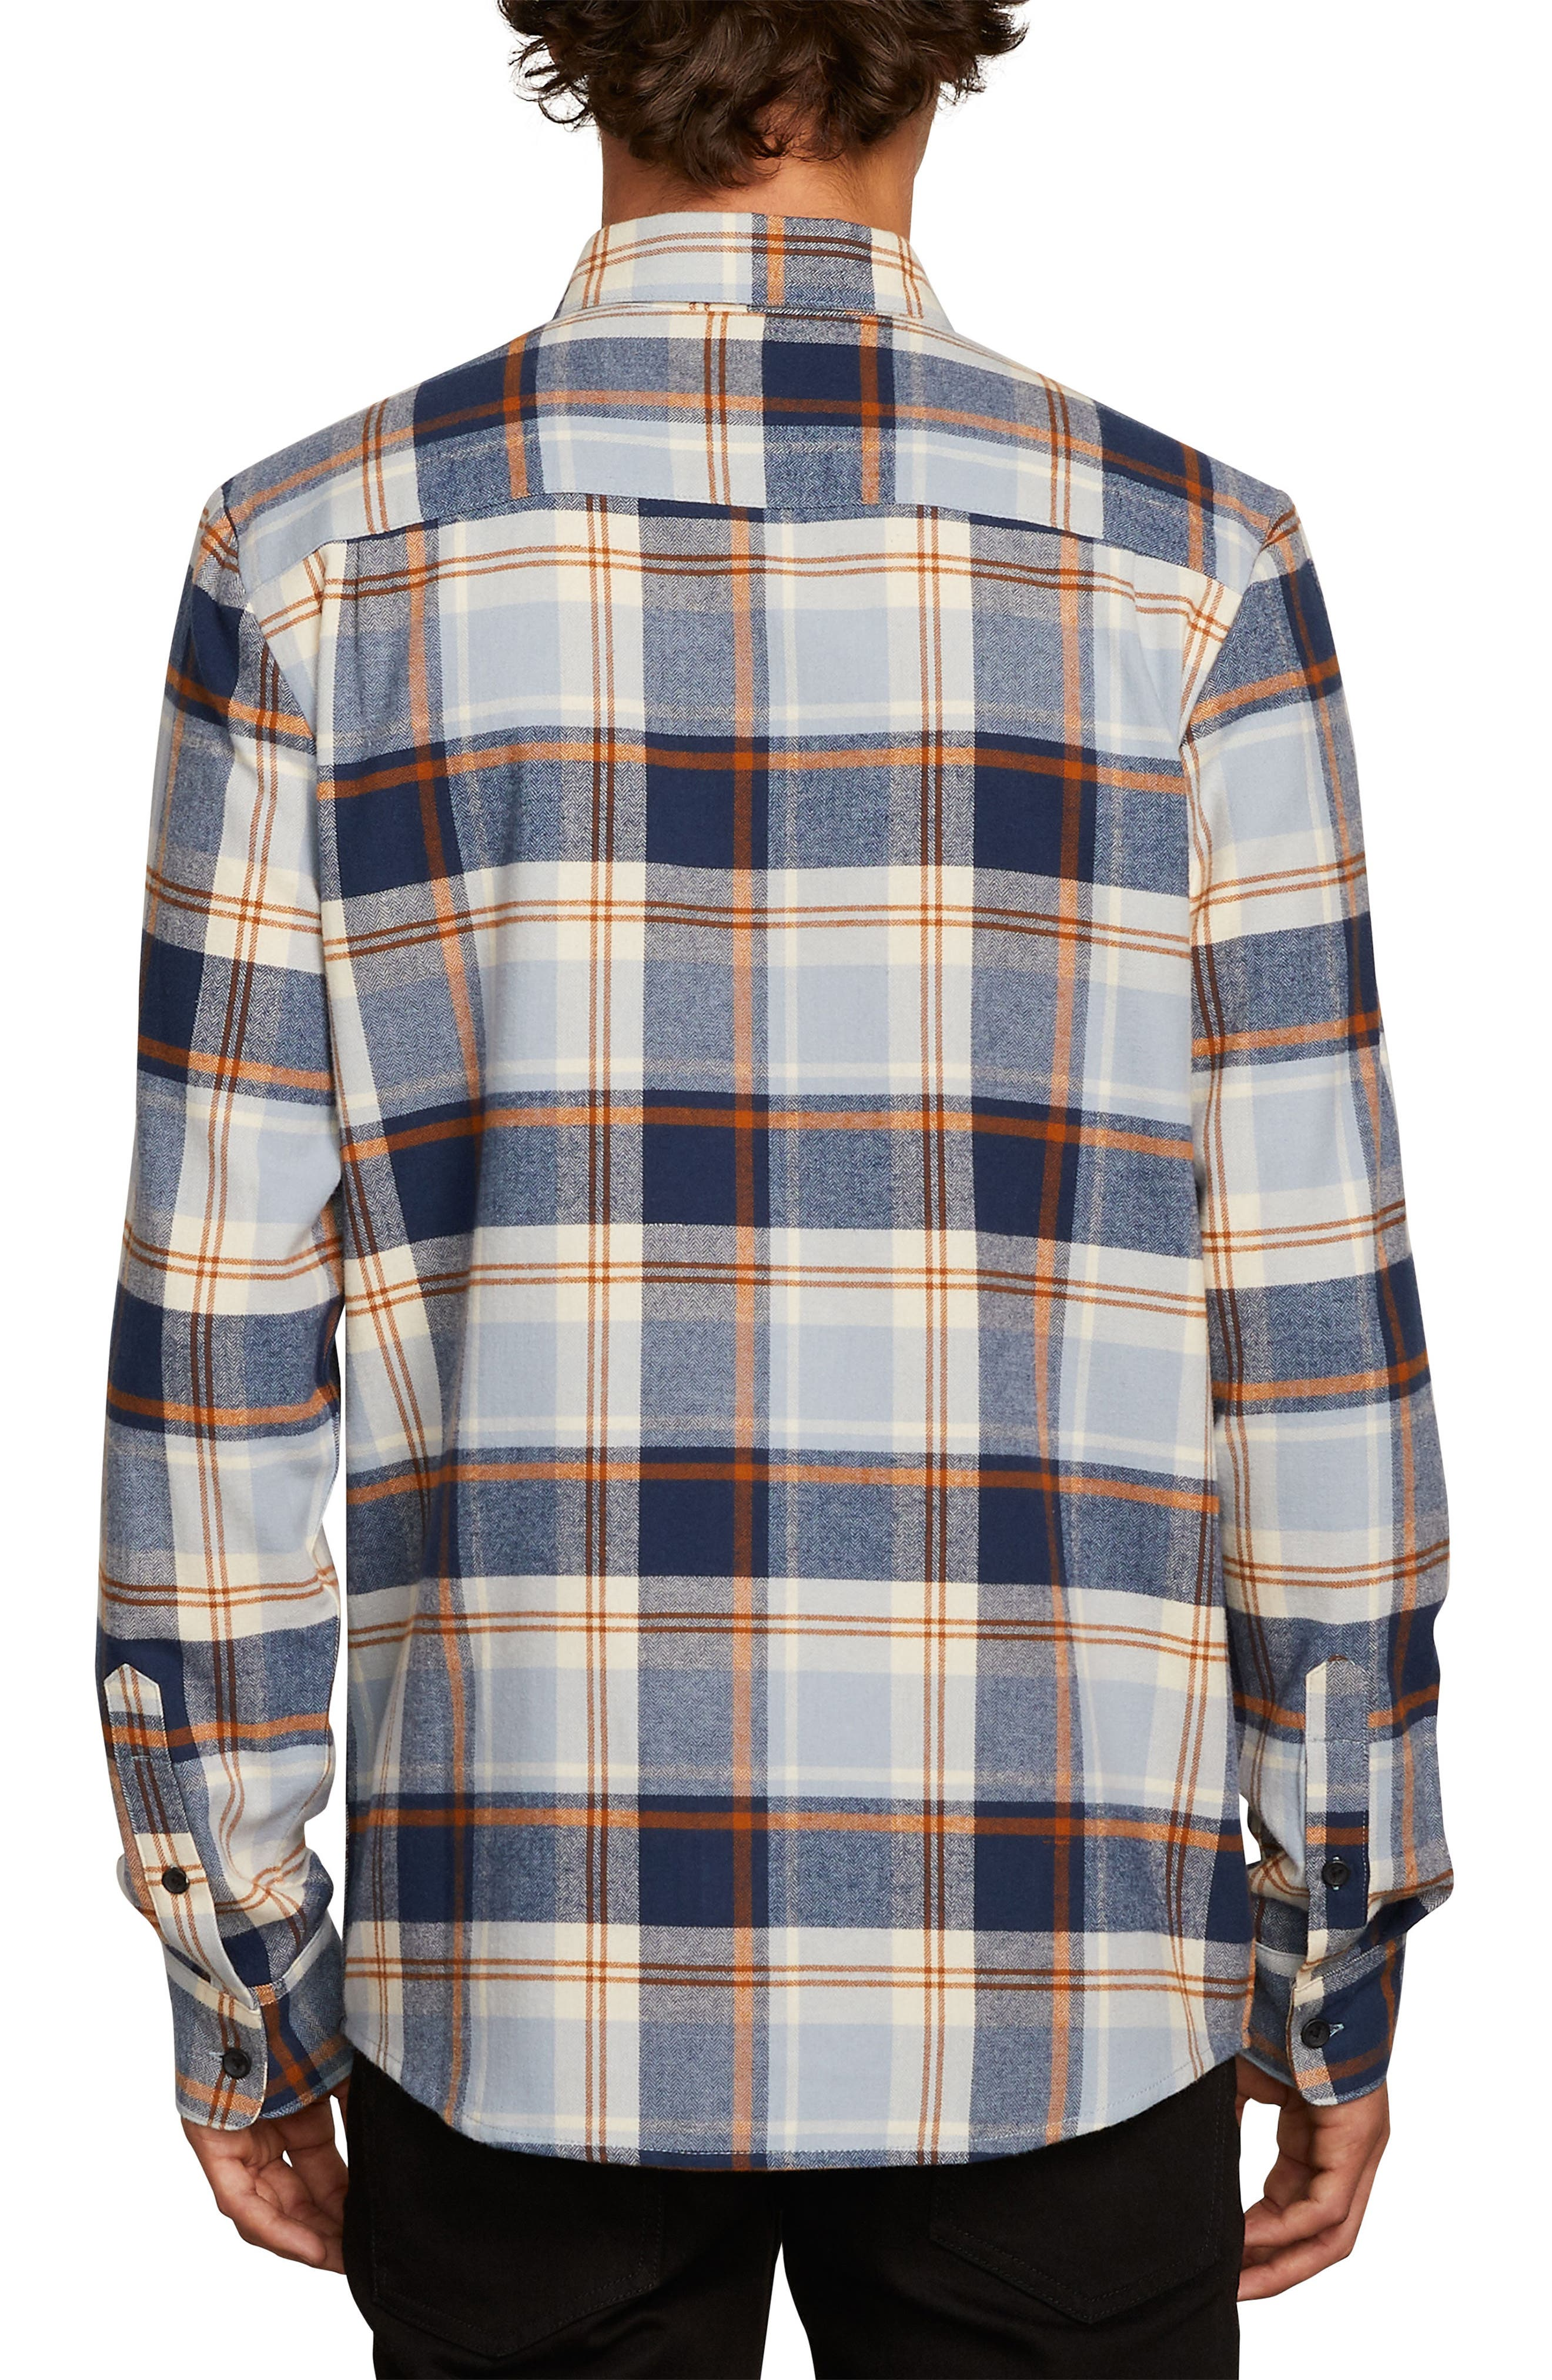 Caden Plaid Flannel Shirt,                             Alternate thumbnail 2, color,                             BLUE SLATE